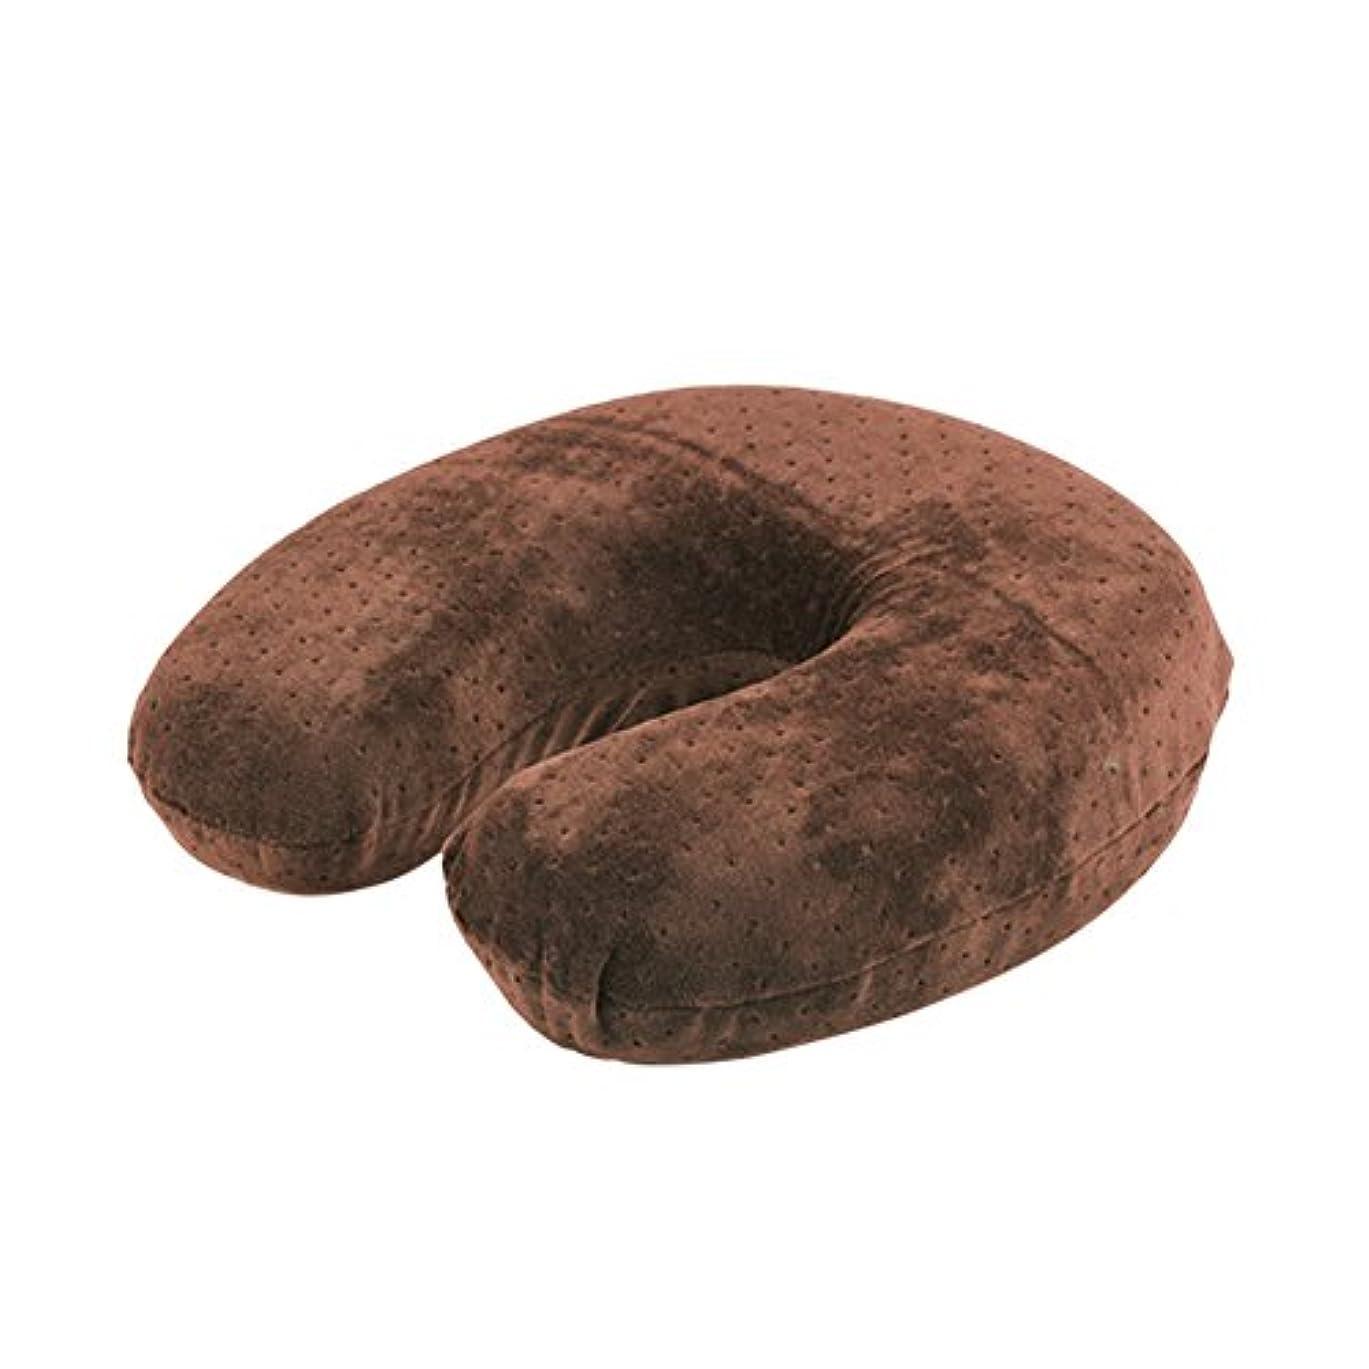 幻滅続ける突然のU字型枕、ビロードの反発の記憶泡の首の頭部の頚部枕残り旅行クッション(Brown)